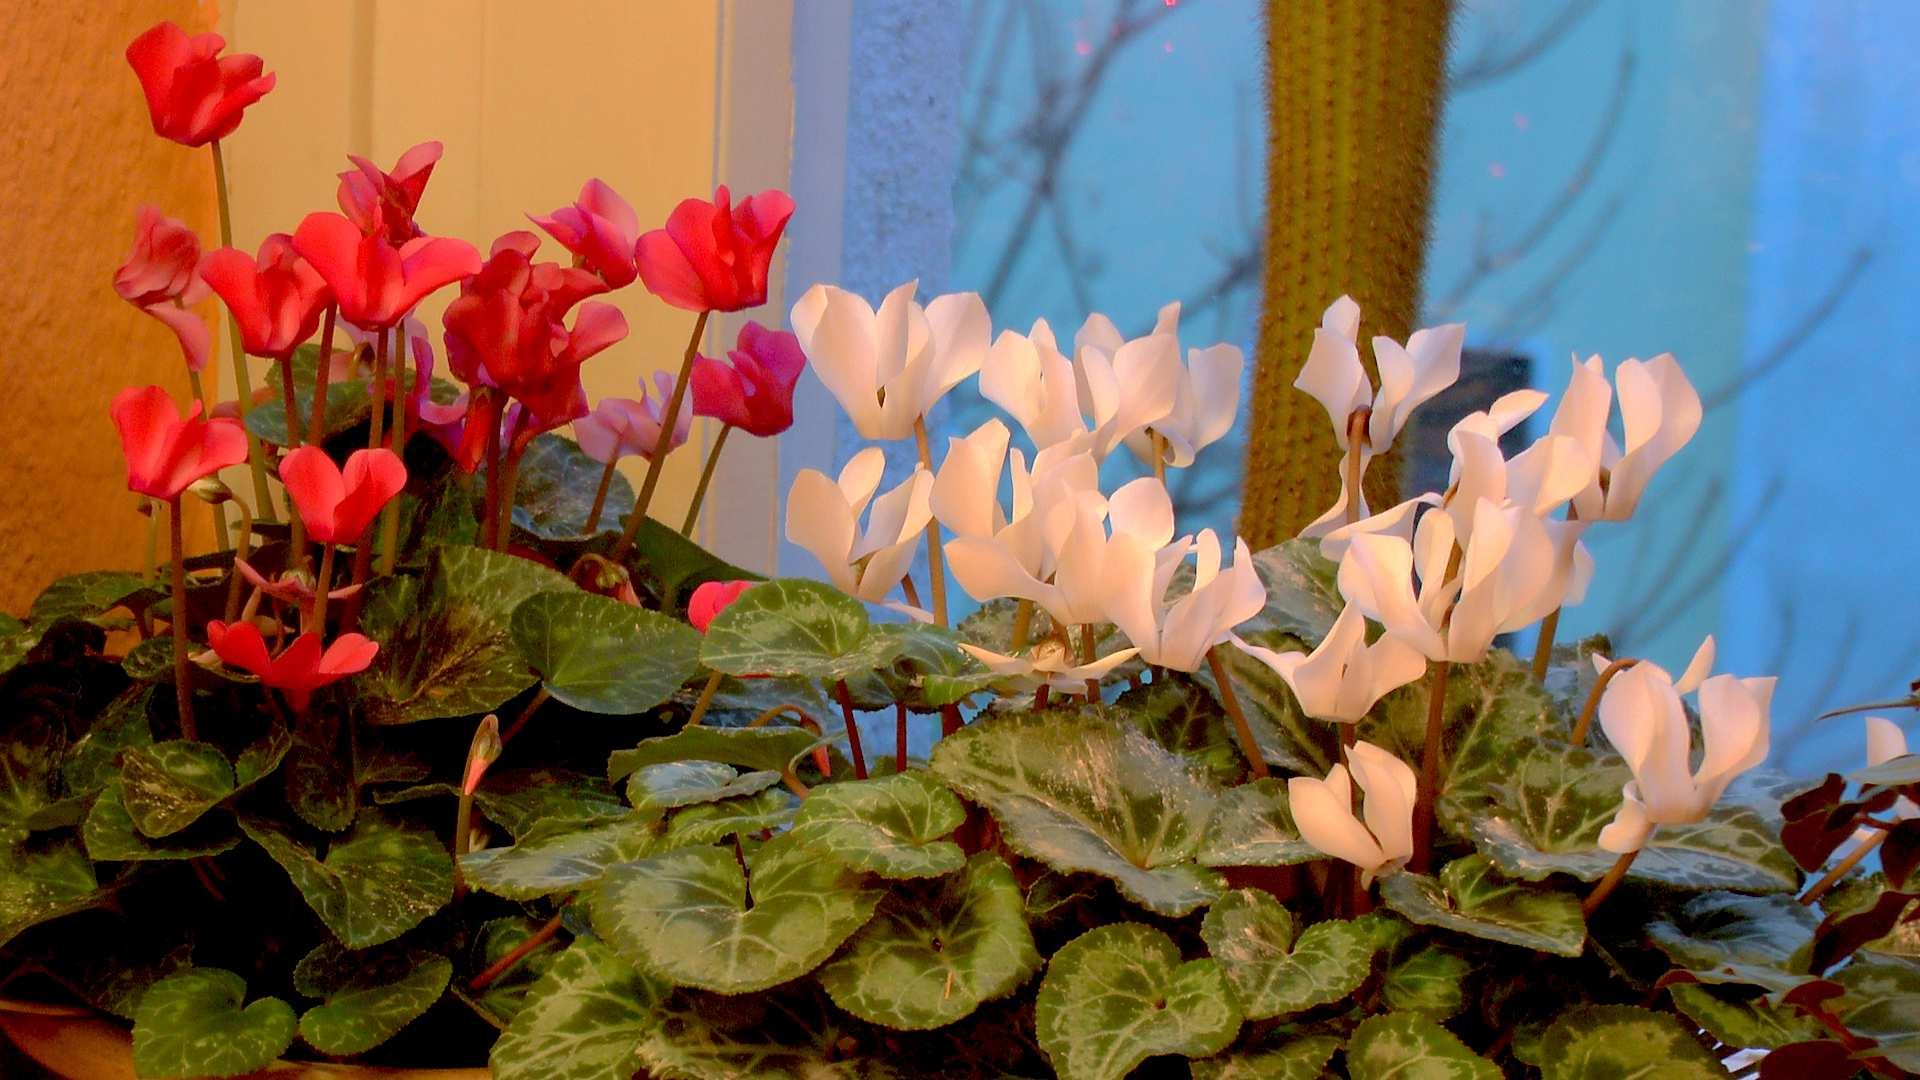 Pflanzen Wohnzimmer Raumklima pflanzen wohnzimmer raumklima